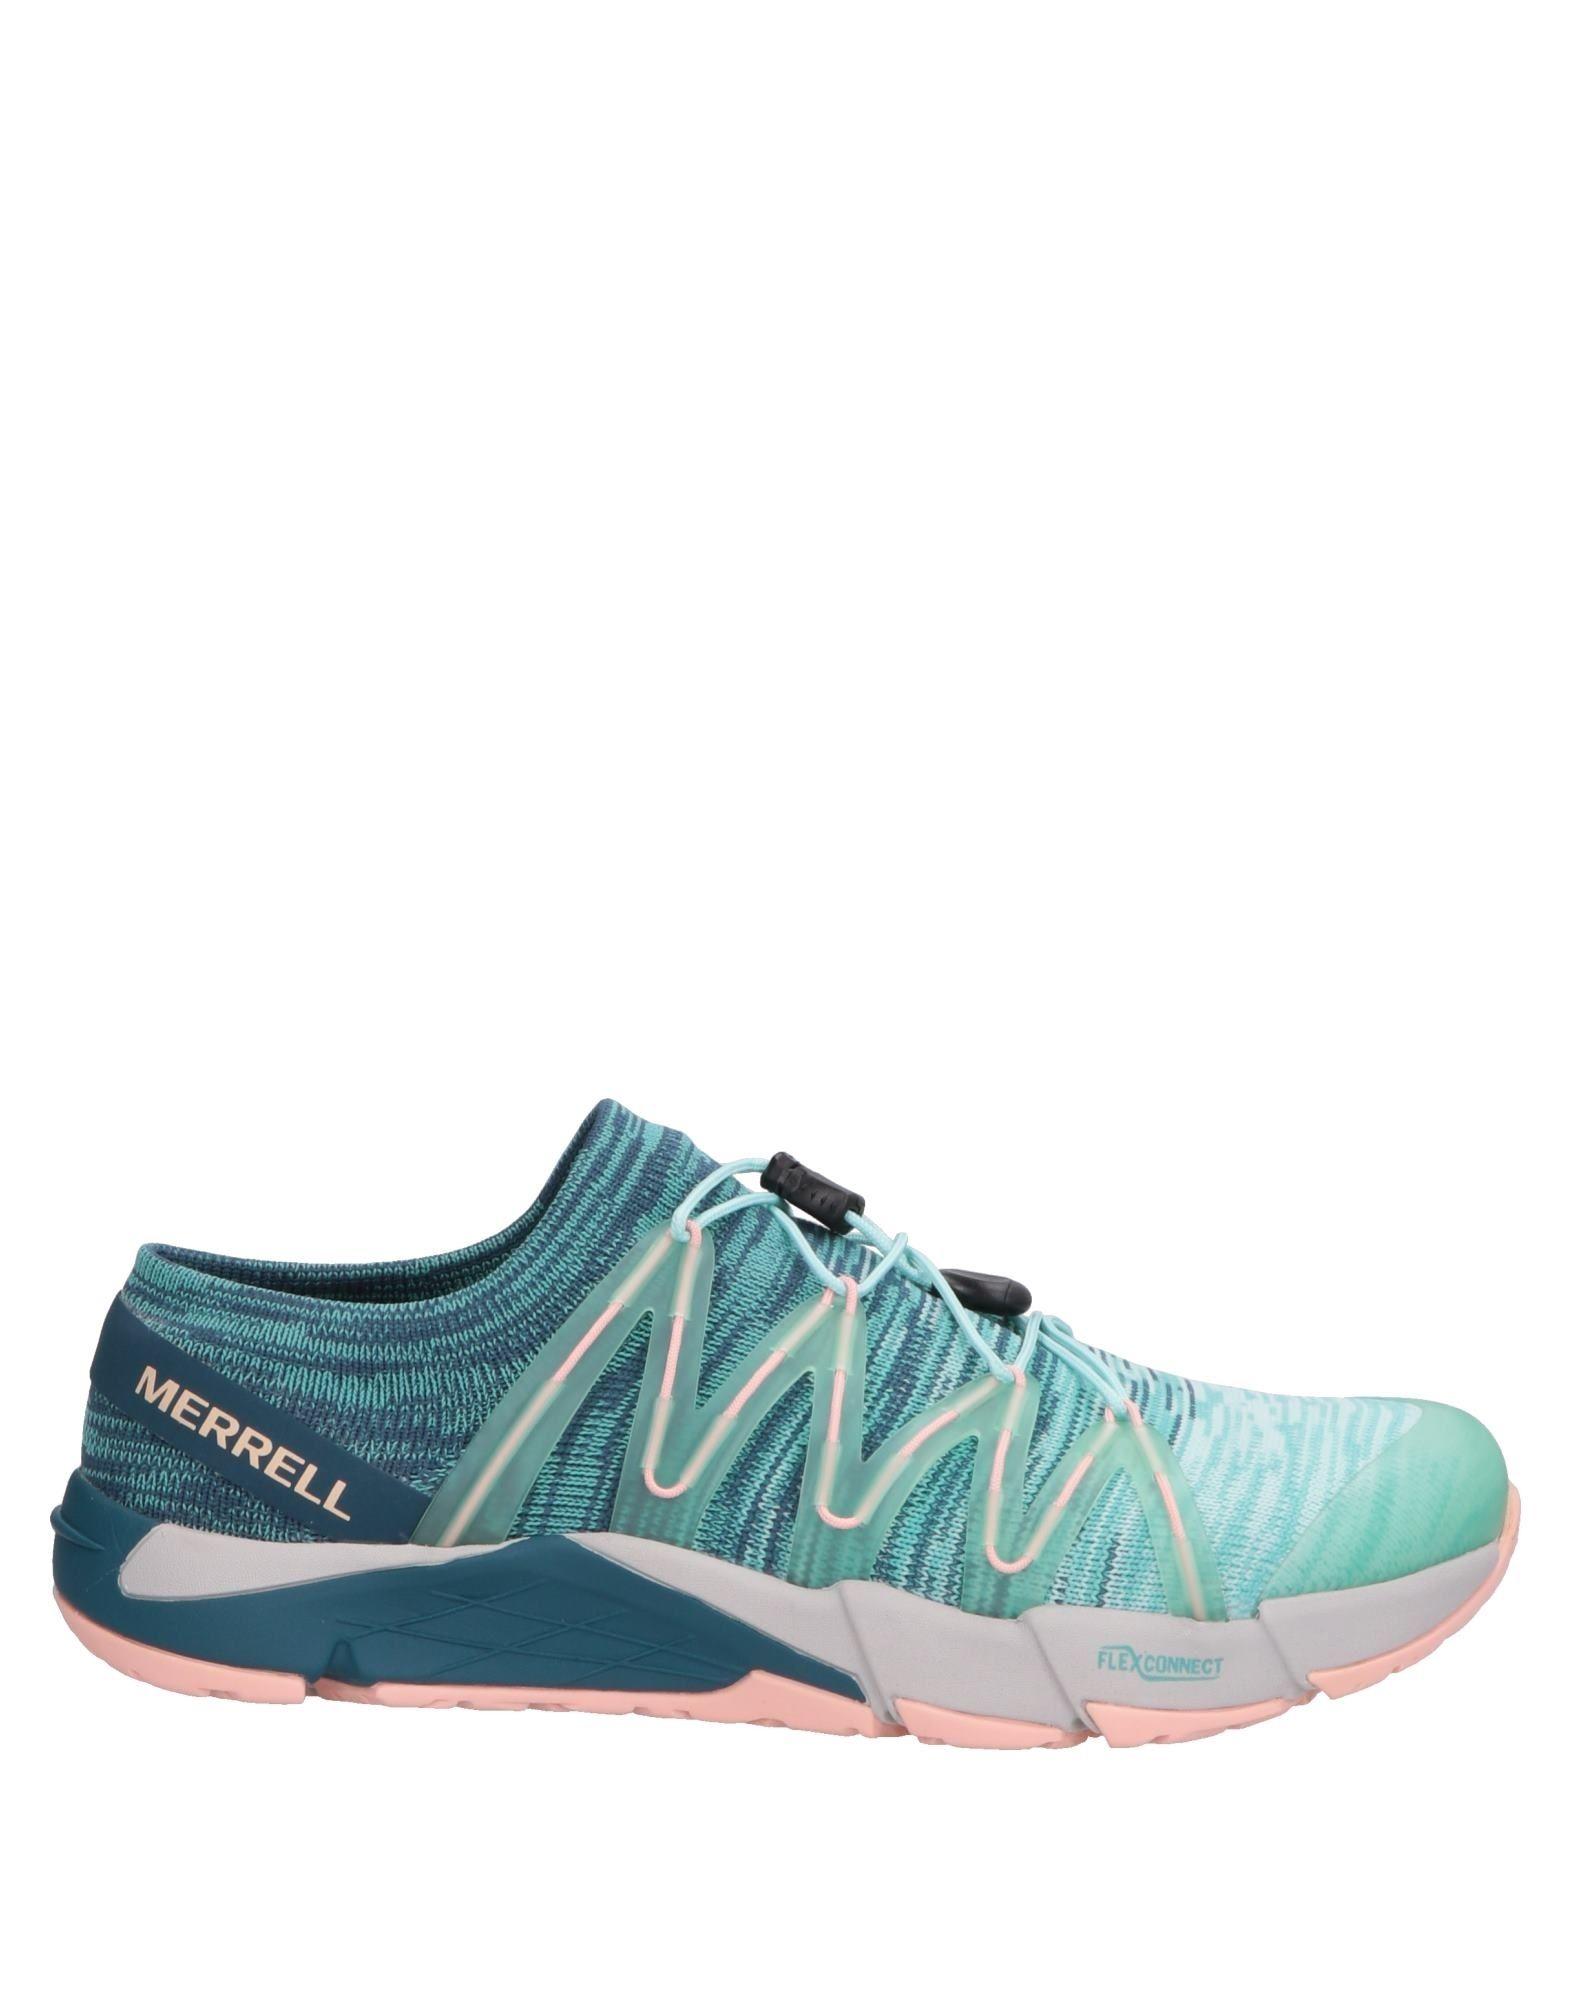 MERRELL Низкие кеды и кроссовки трекинговые кроссовки merrell j89492 moab gtx